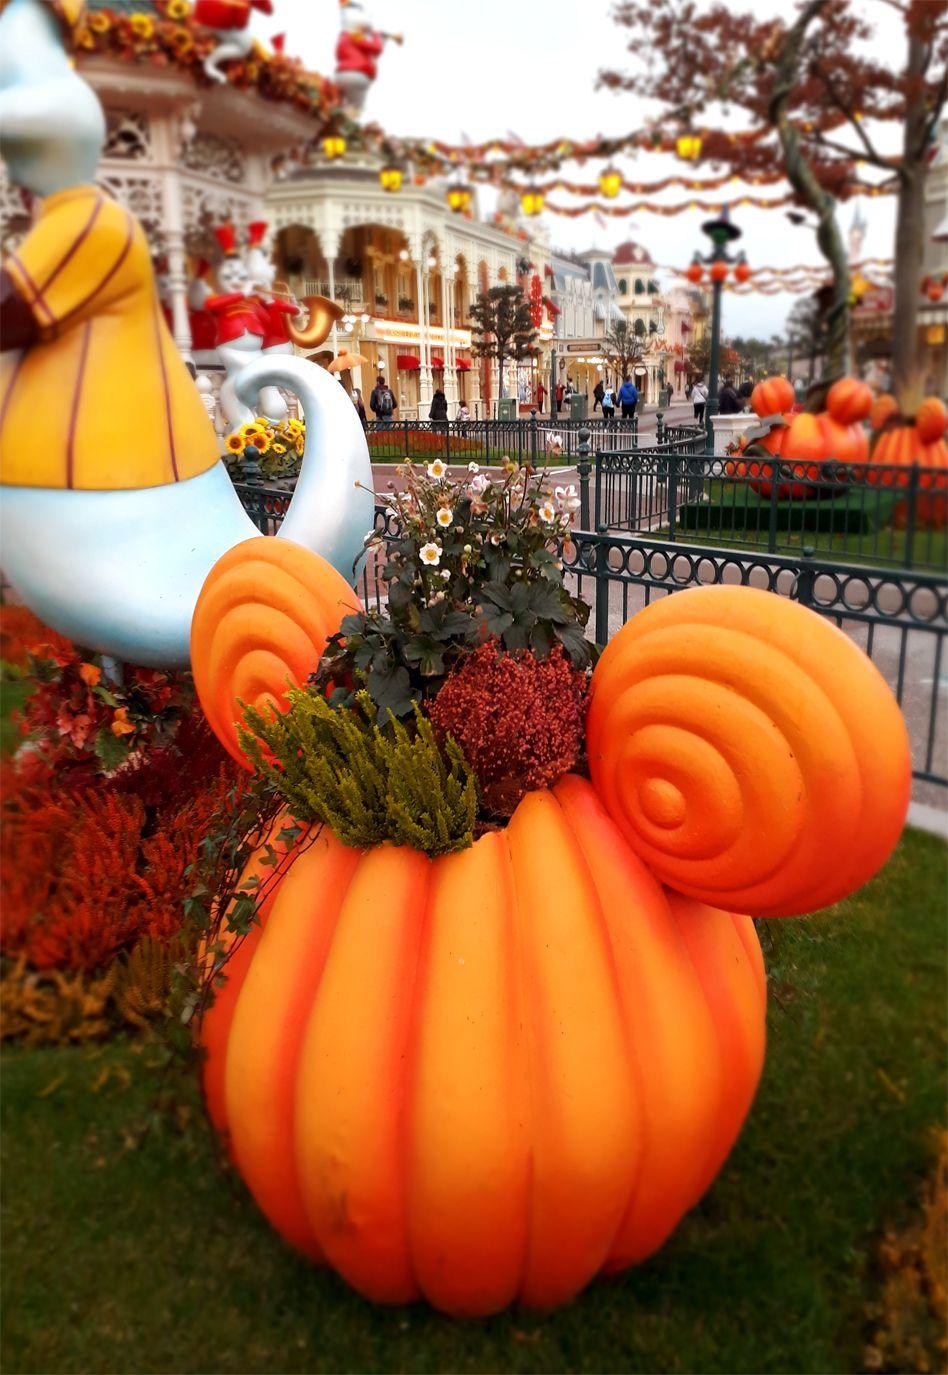 Escapade d'une journée chez Disney dans l'ambiance d'Halloween